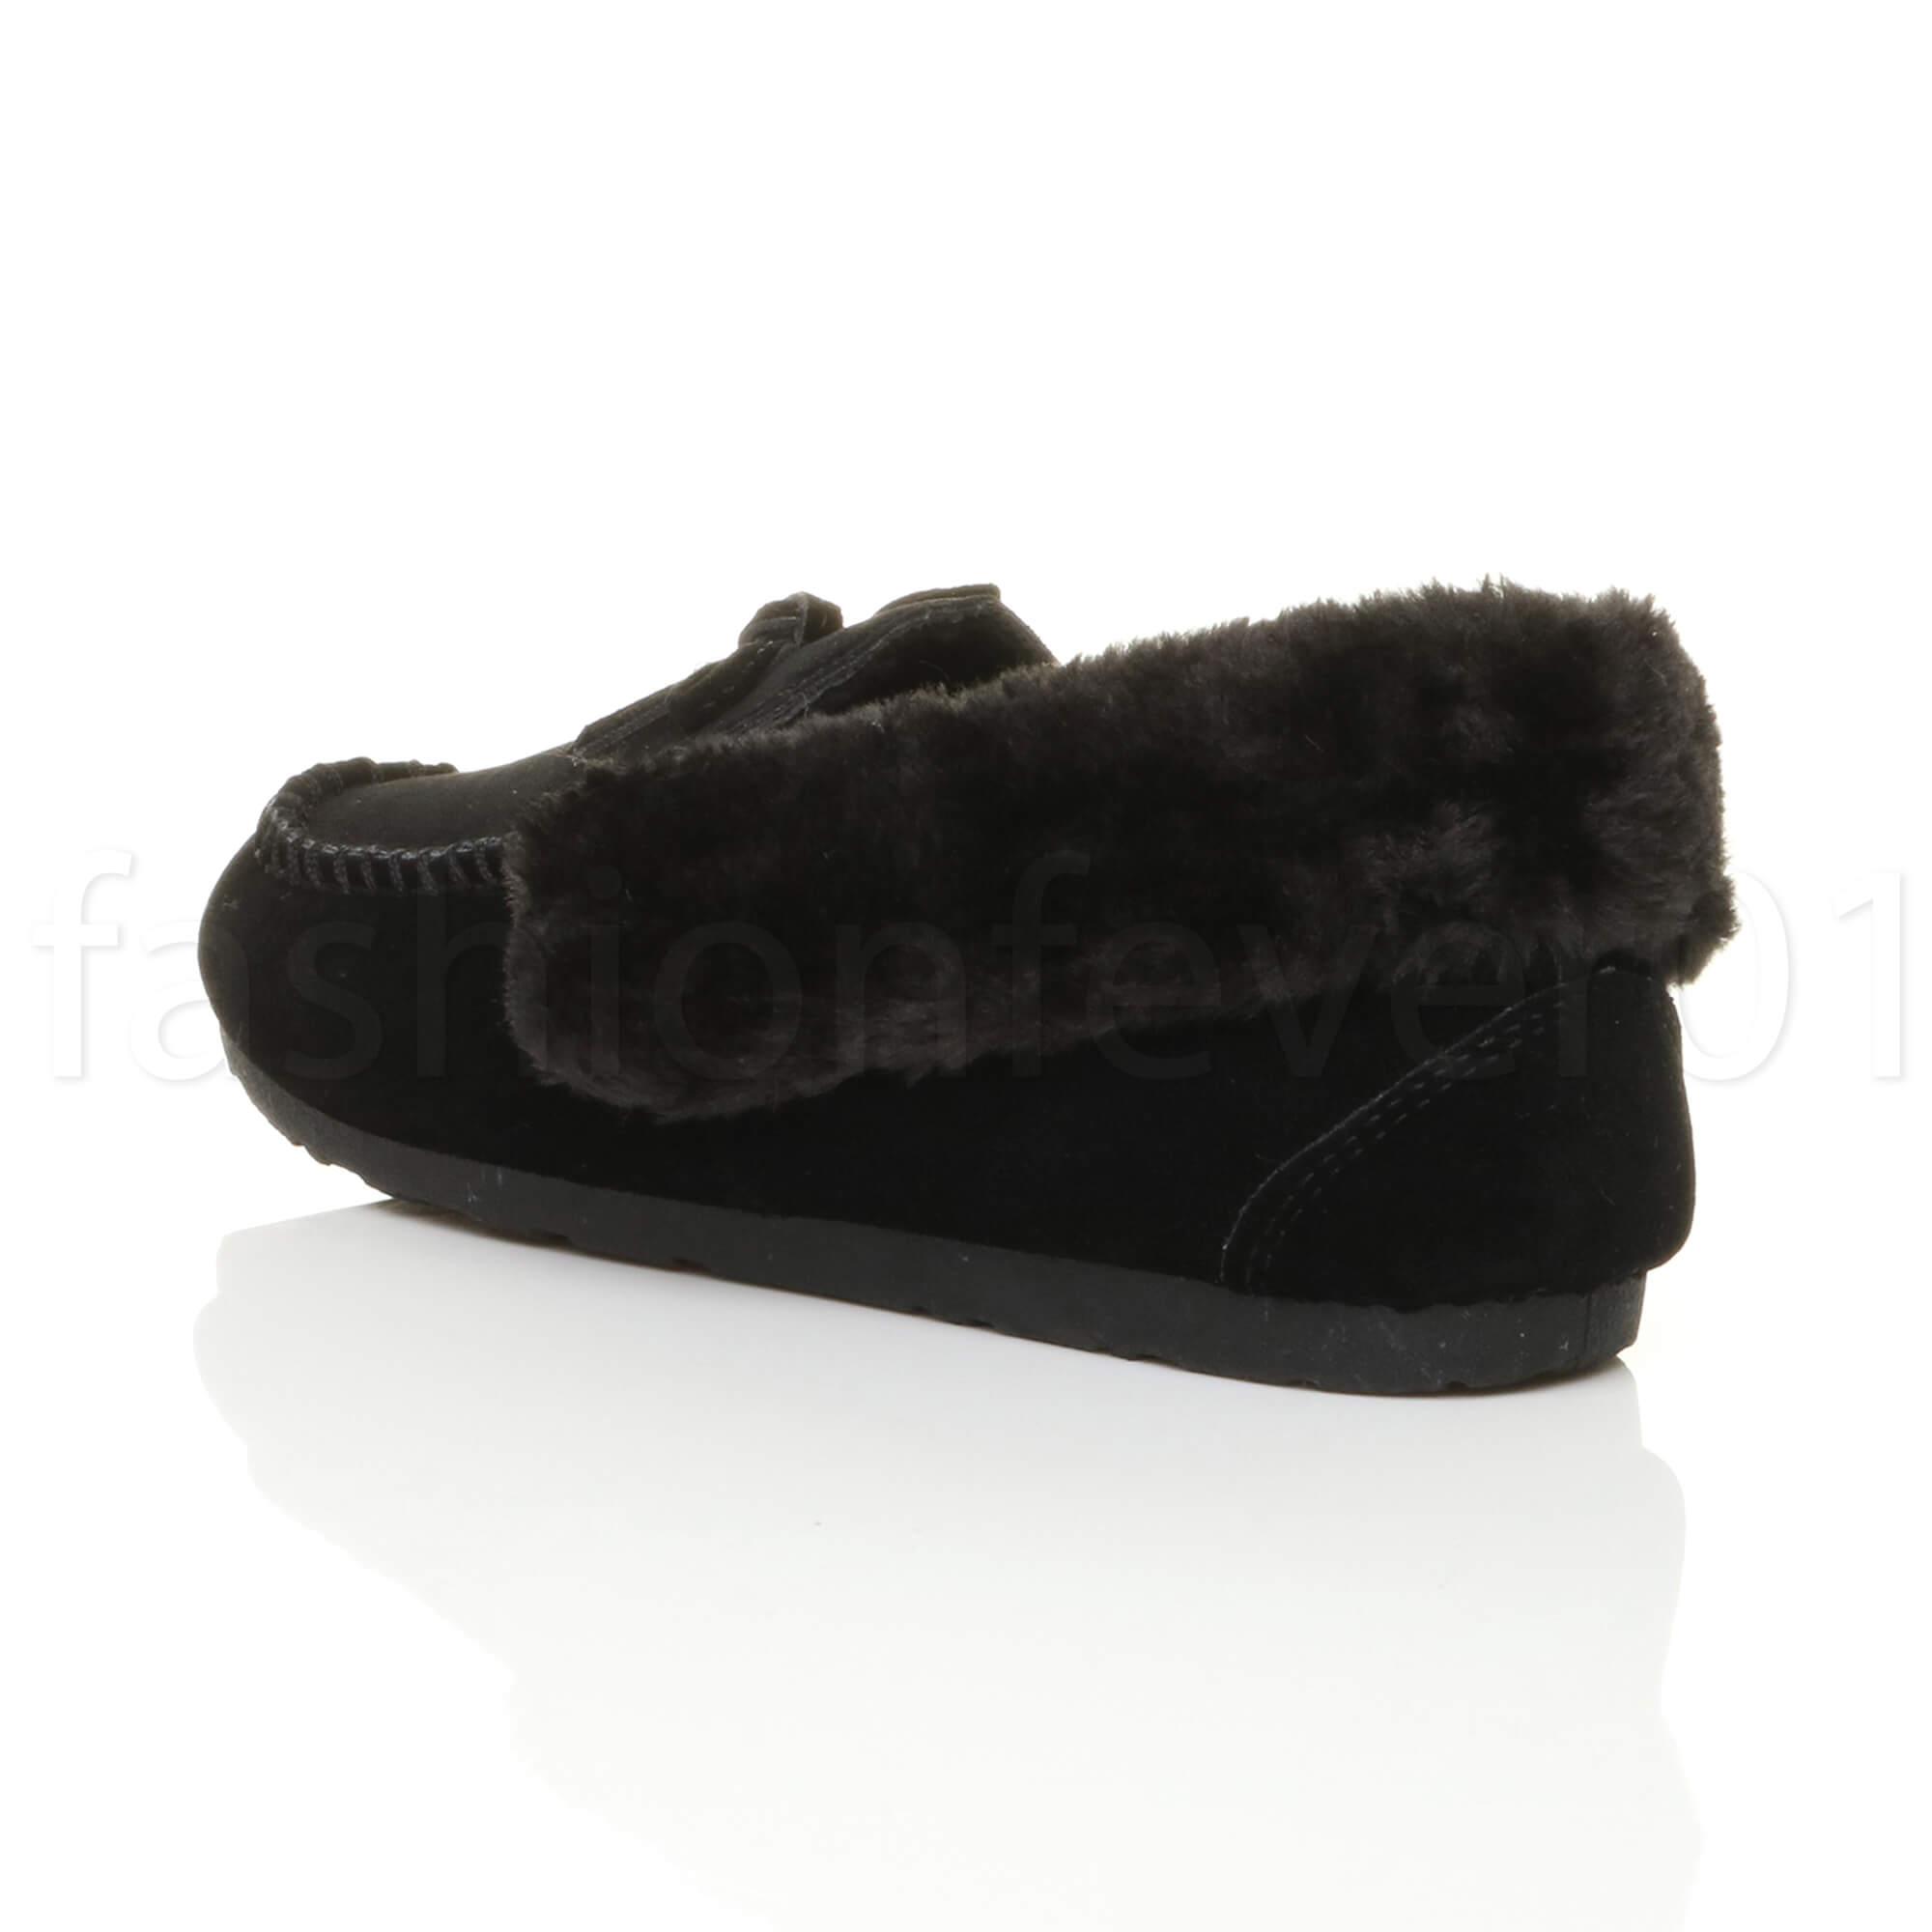 Donna-Caldo-pelliccia-con-collare-Legare-SCARPE-DA-BARCA-MOCASSINI-PANTOFOLE-MIS